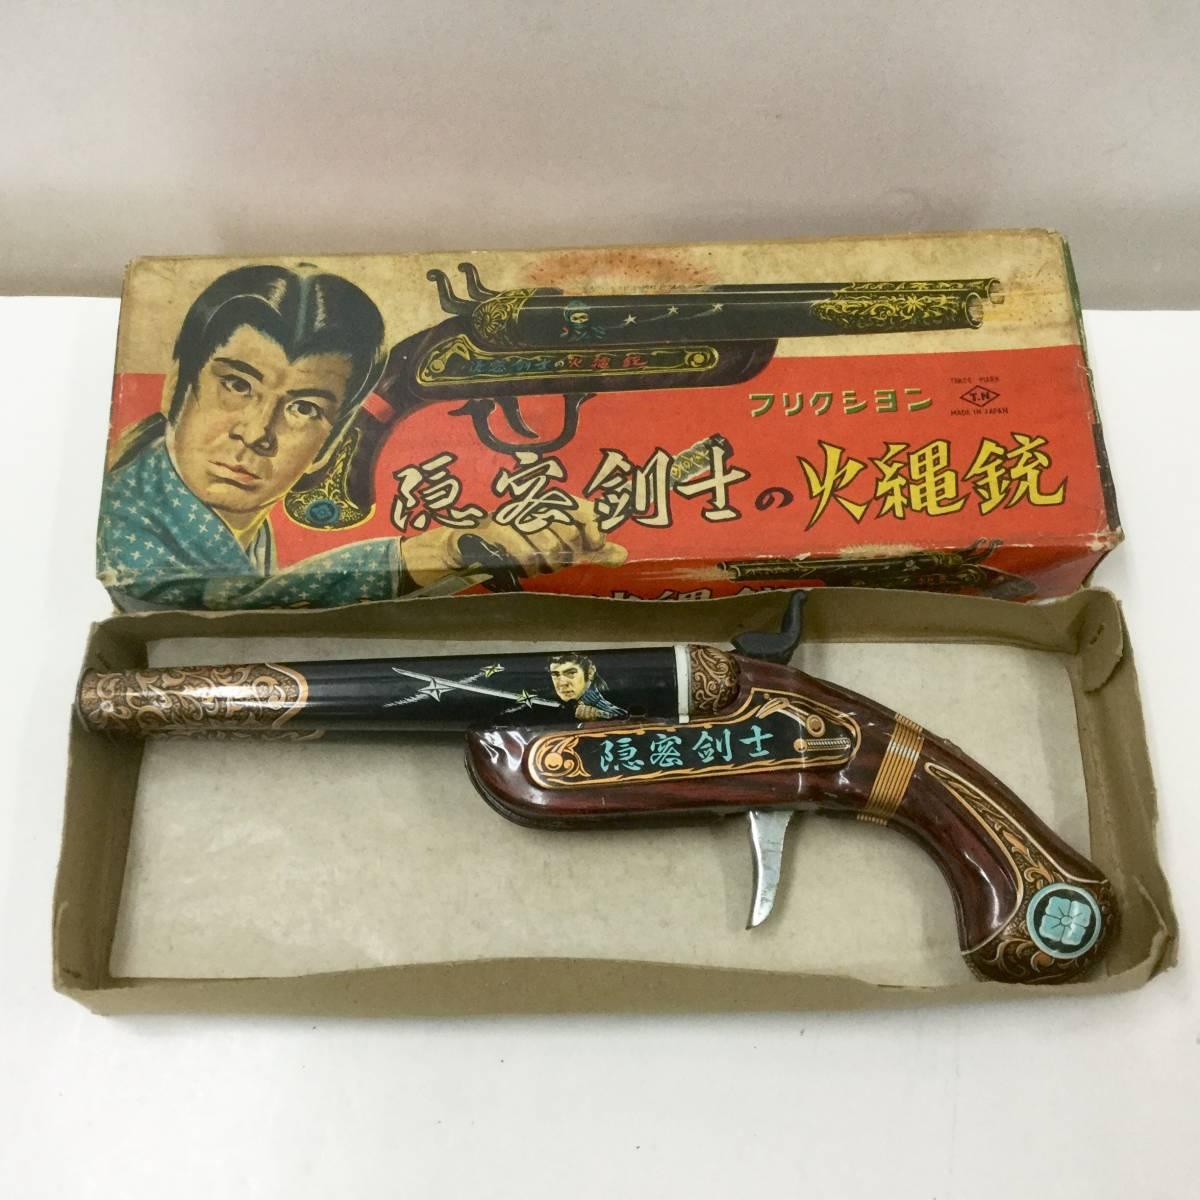 隠密剣士 火縄銃 野村トーイ製 ブリキ玩具 箱付き 1960年代 当時もの 珍品 レトロ ビンテージ